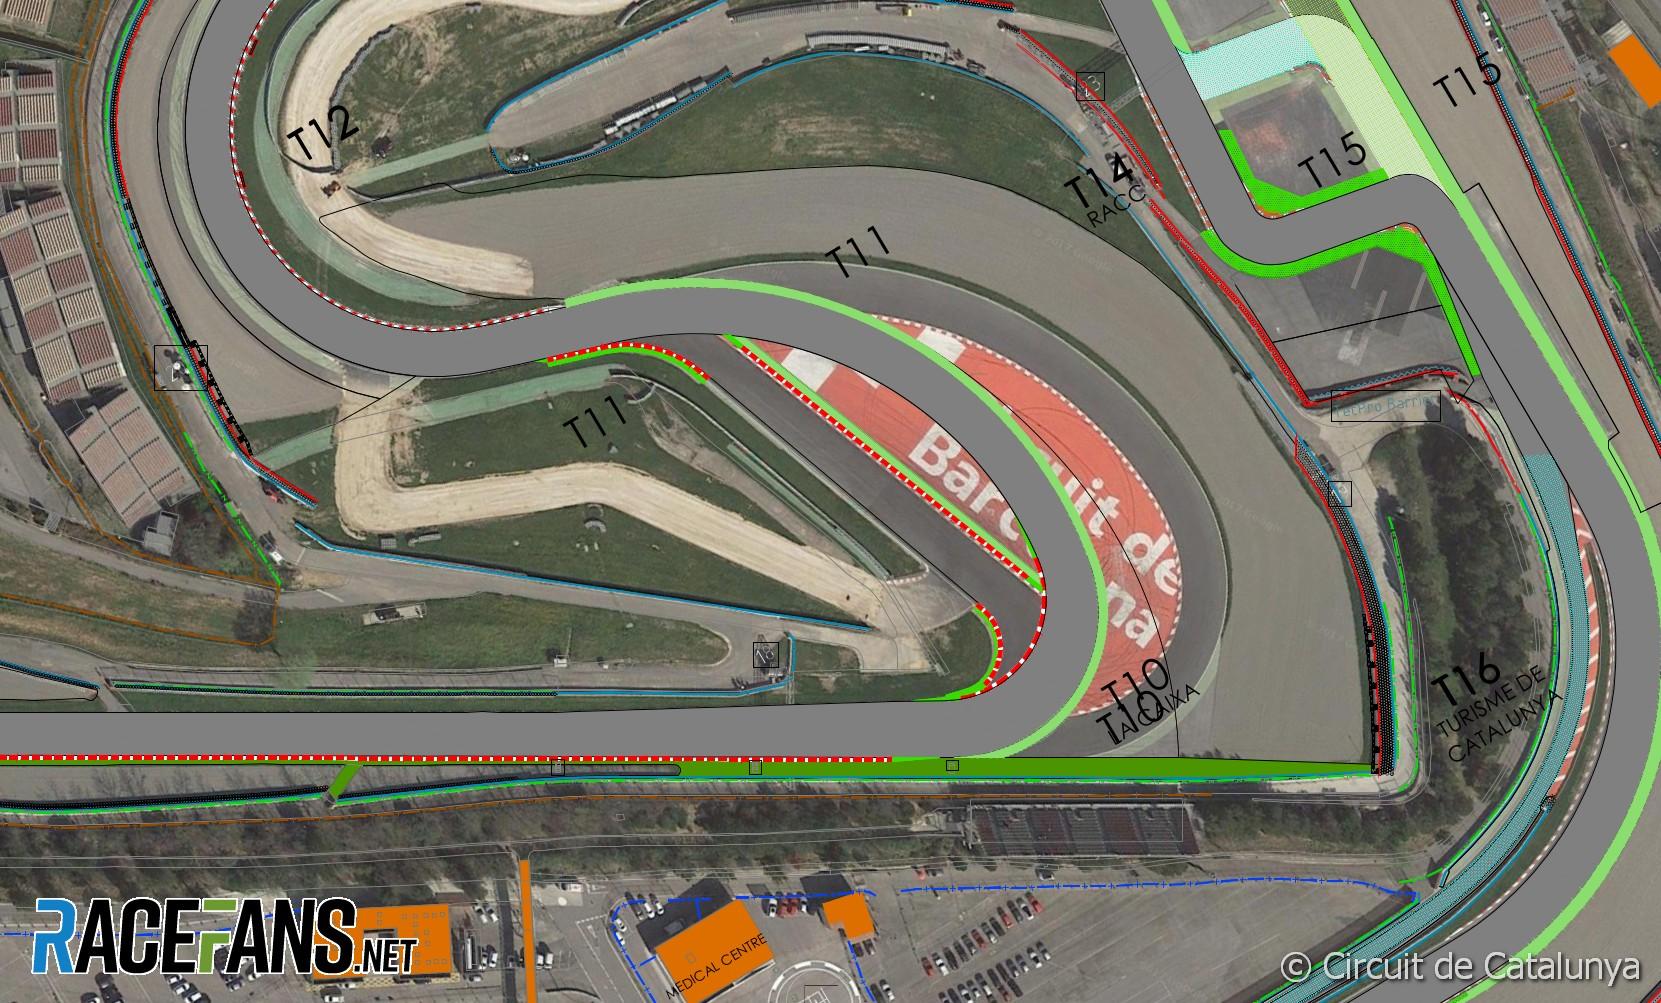 Original, revised and new turn 10, Circuit de Catalunya